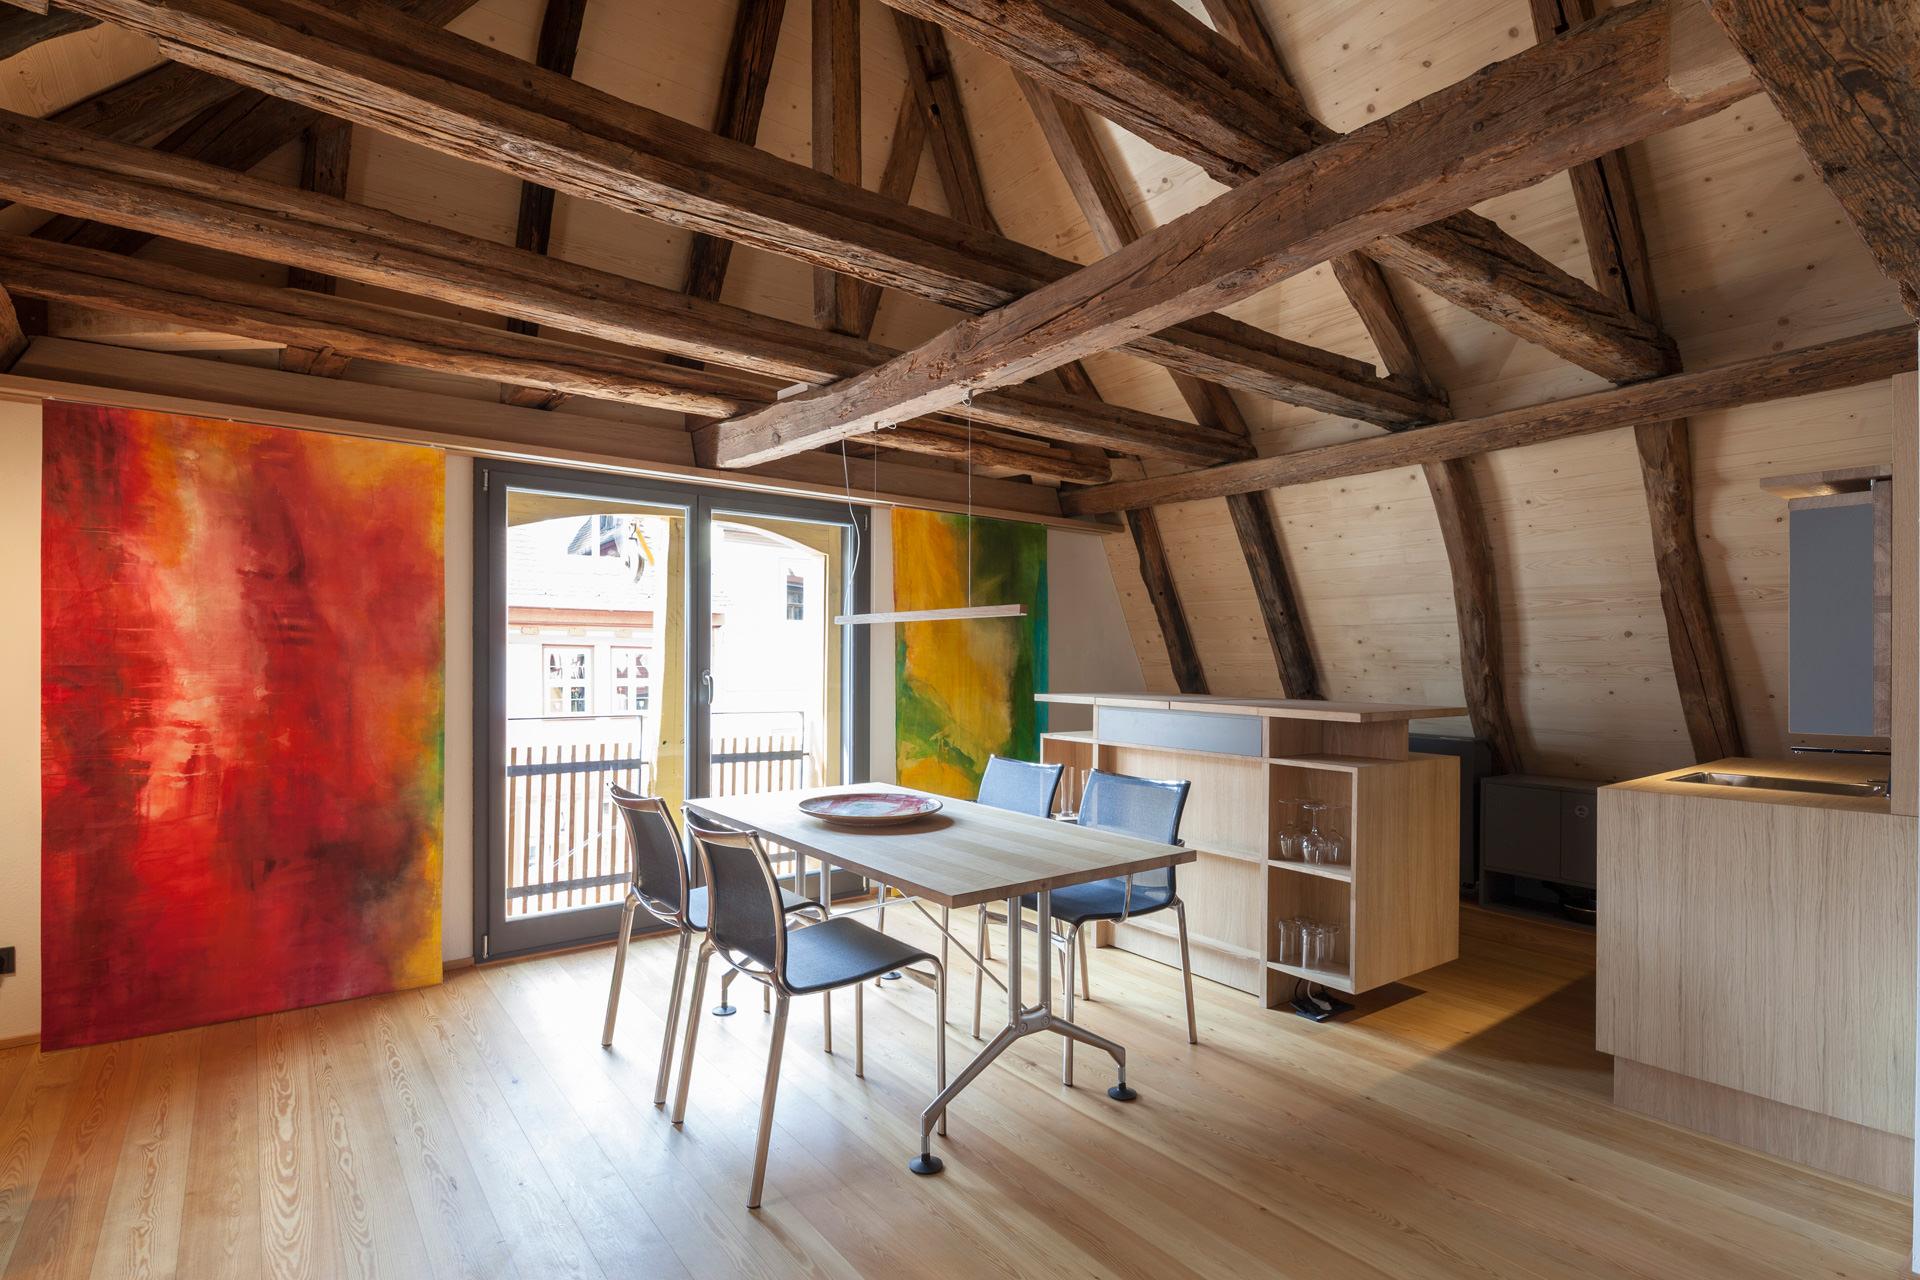 Wohnung In Karlstadt : denkmal karlstadt ferienwohnung ~ Watch28wear.com Haus und Dekorationen